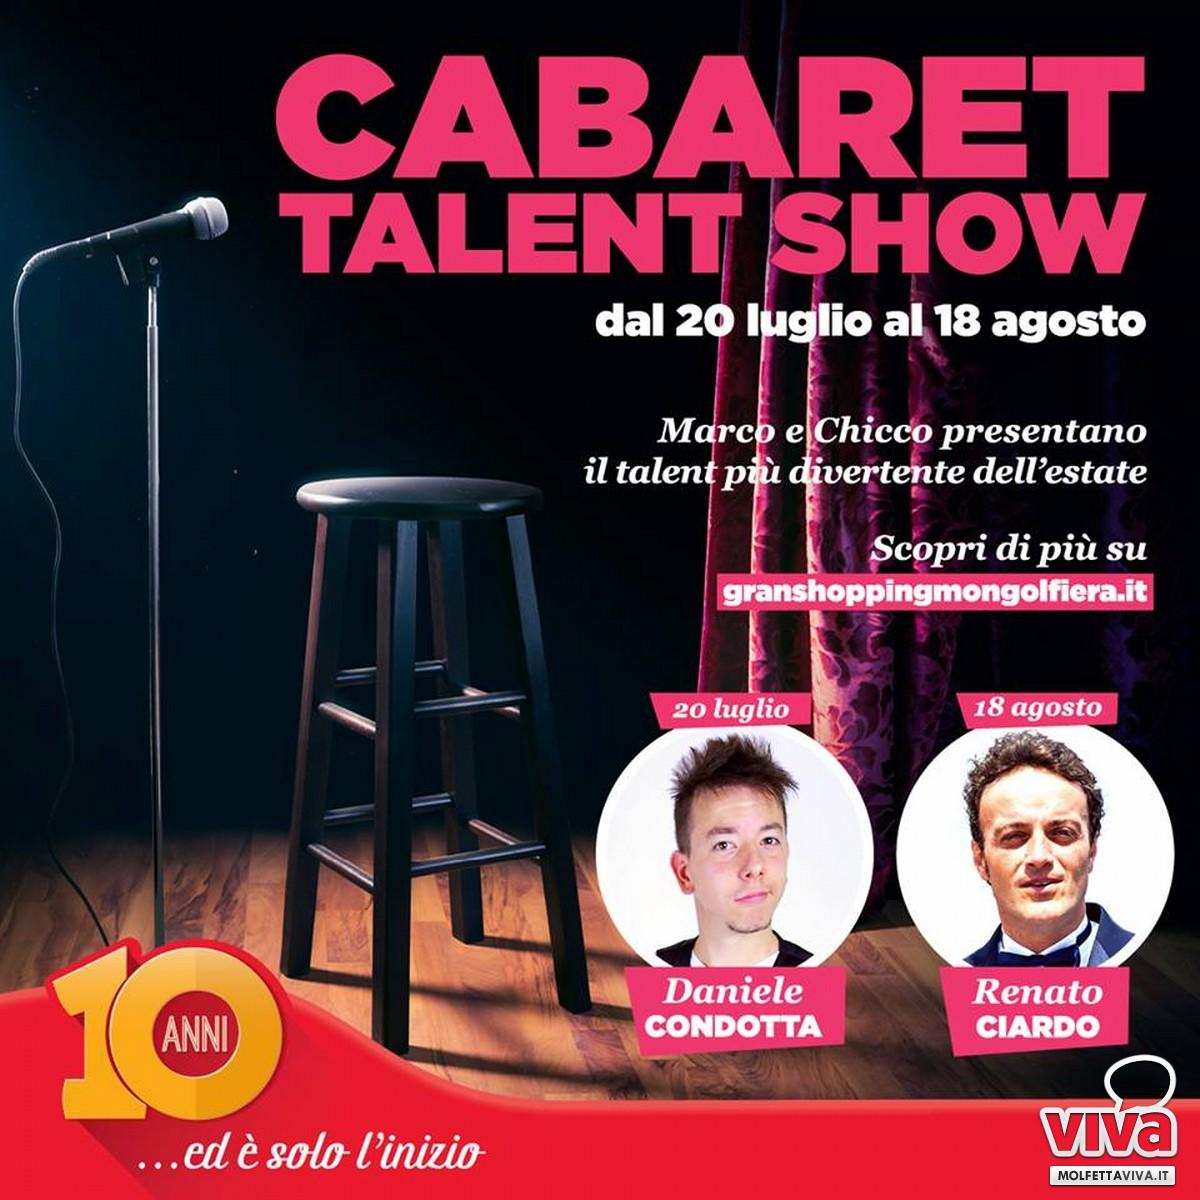 Cabaret Talent Show